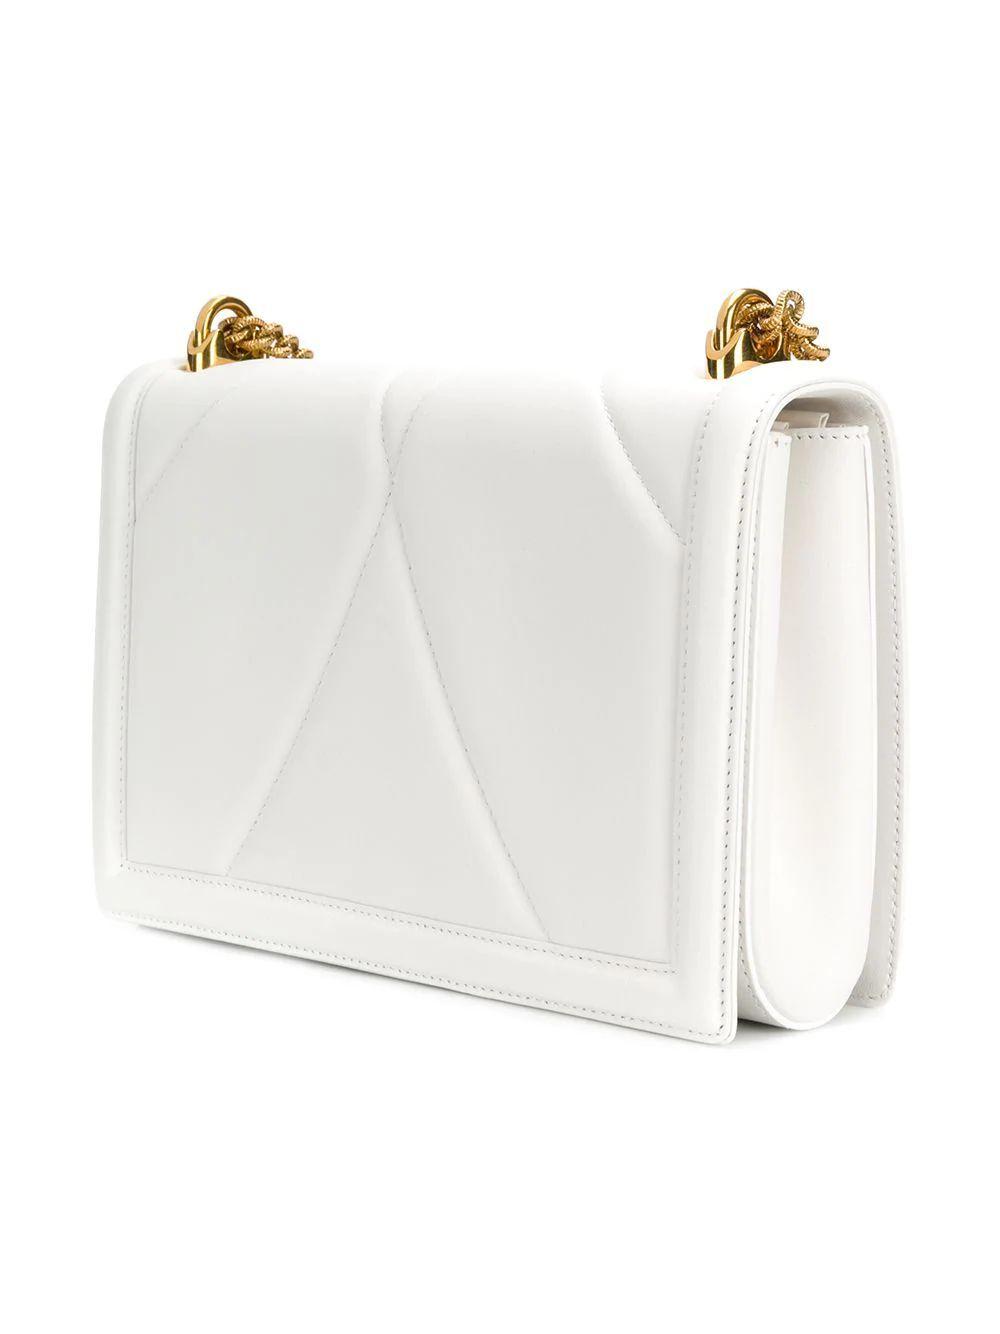 DOLCE E GABBANA WOMEN'S BB6651AV96780002 WHITE LEATHER SHOULDER BAG